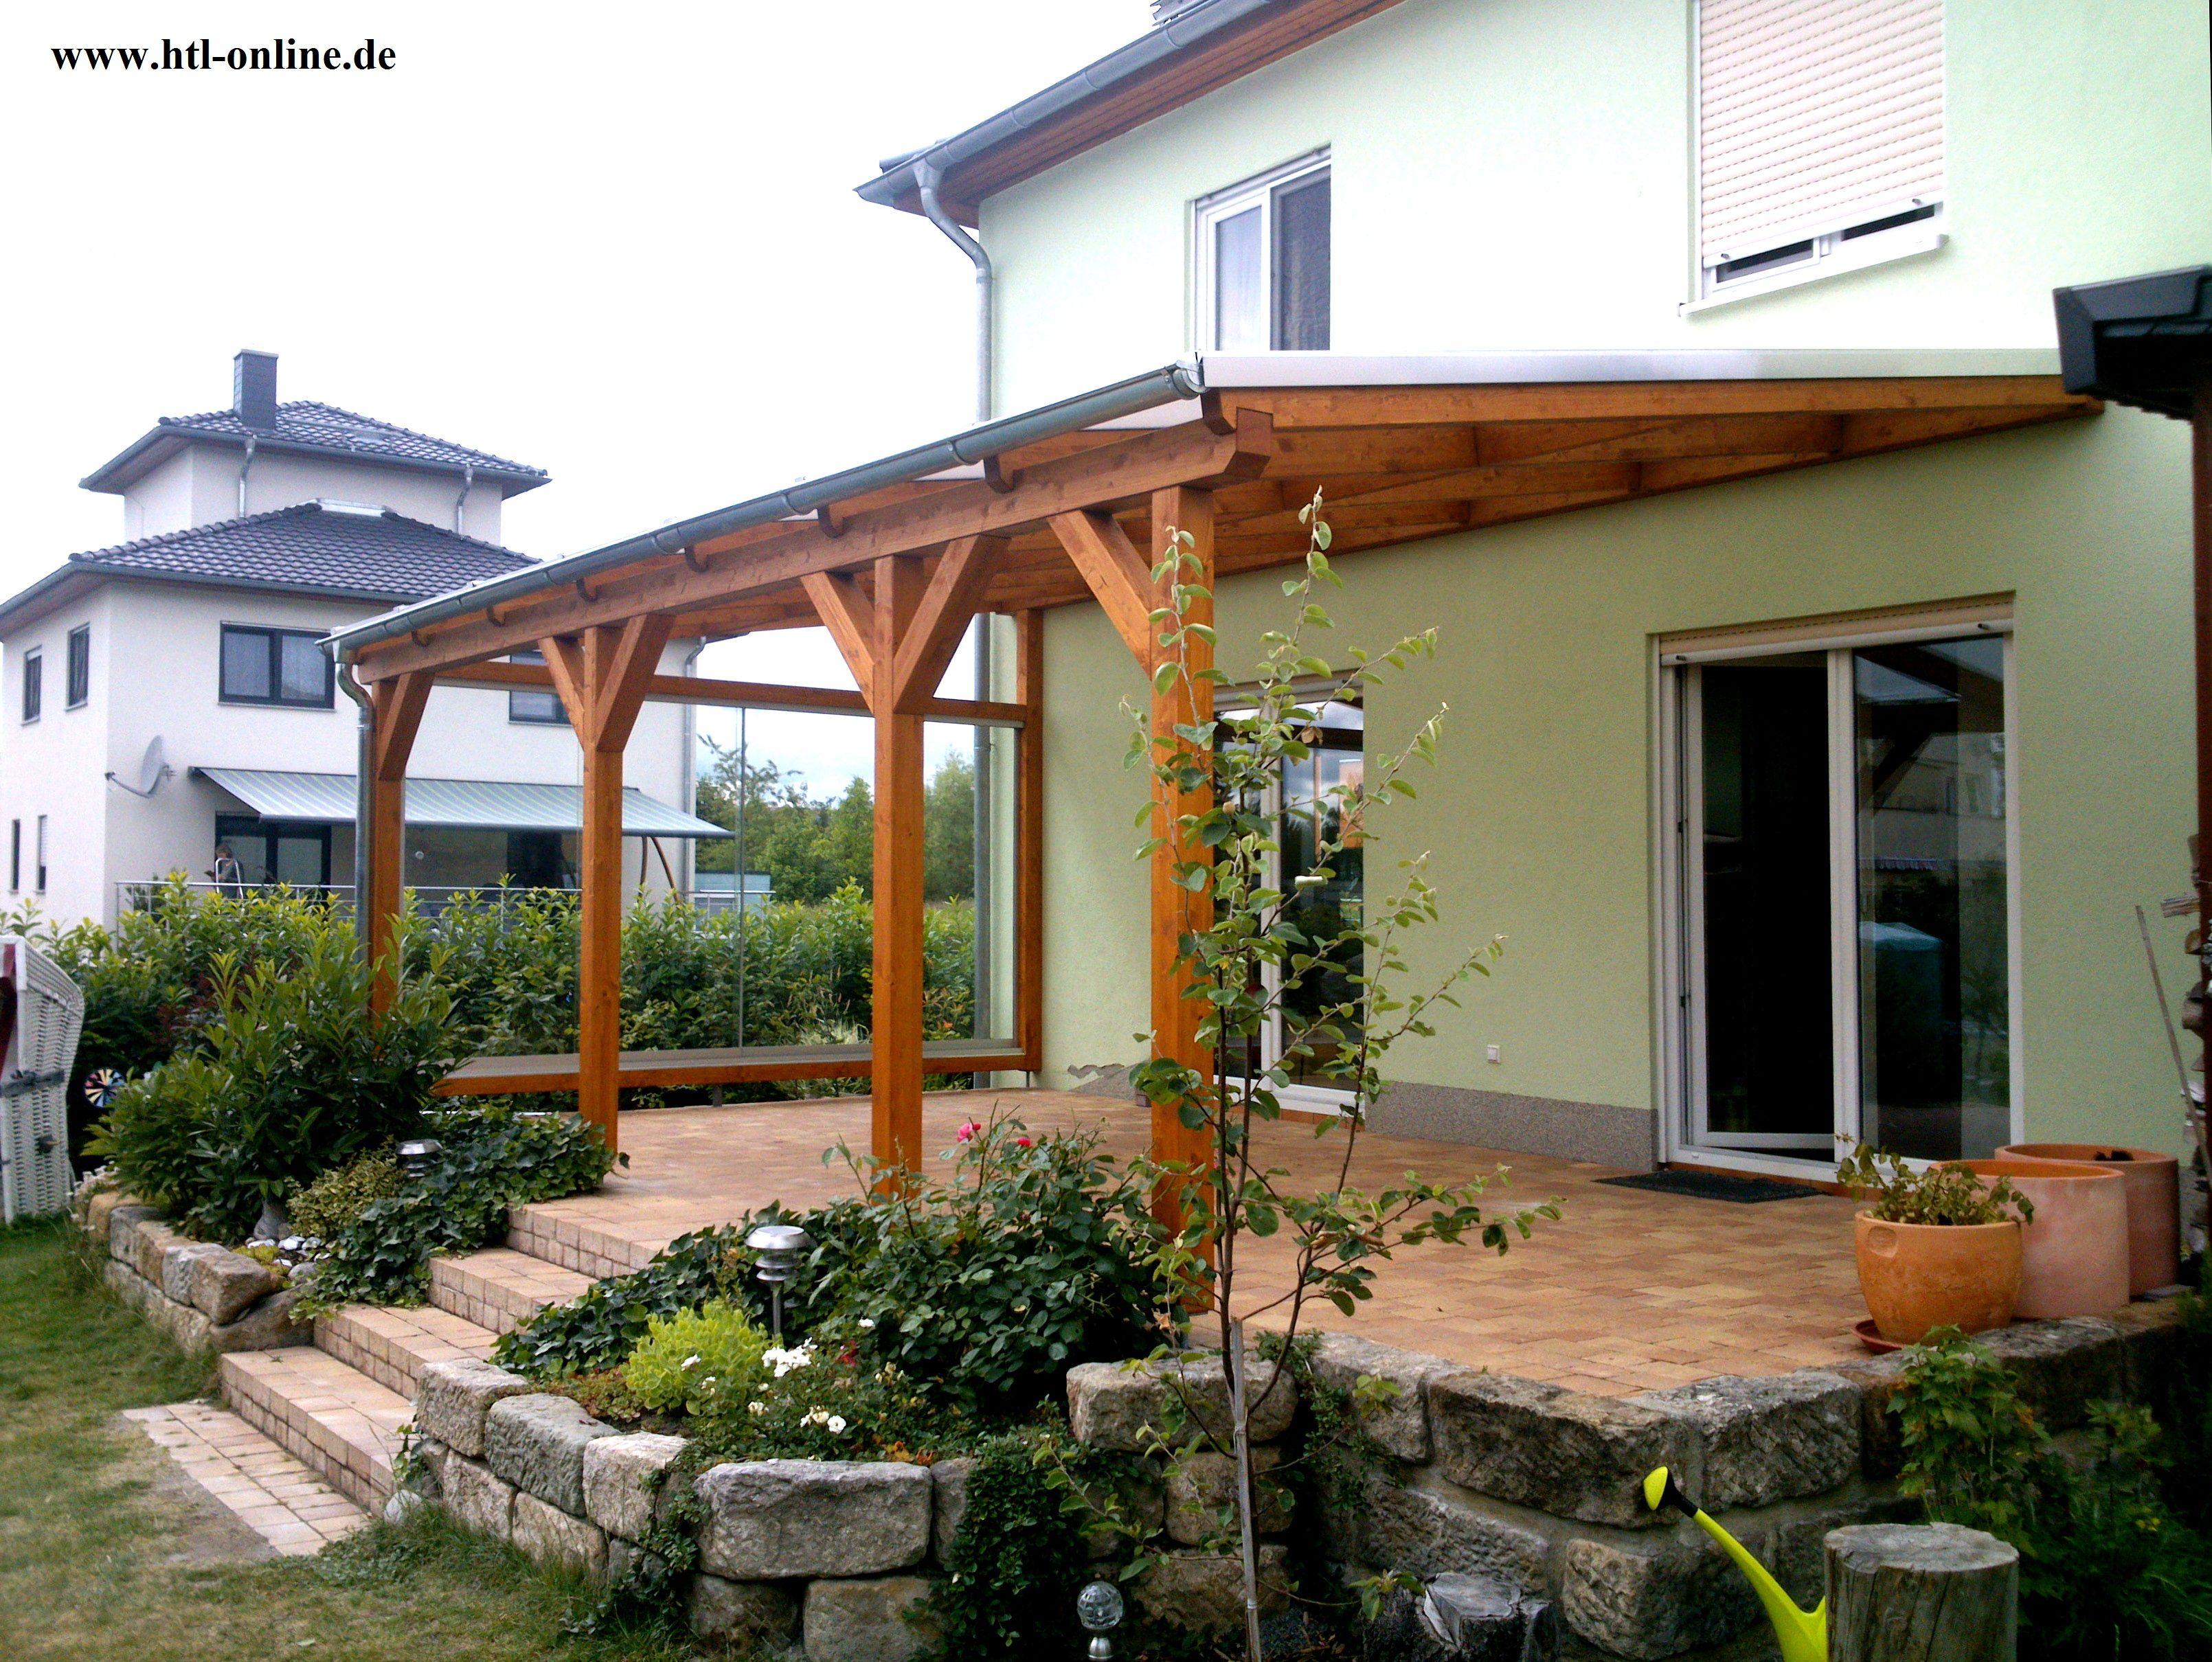 Pin Von Jacek Auf Domki In 2020 Uberdachung Holz Terrasse